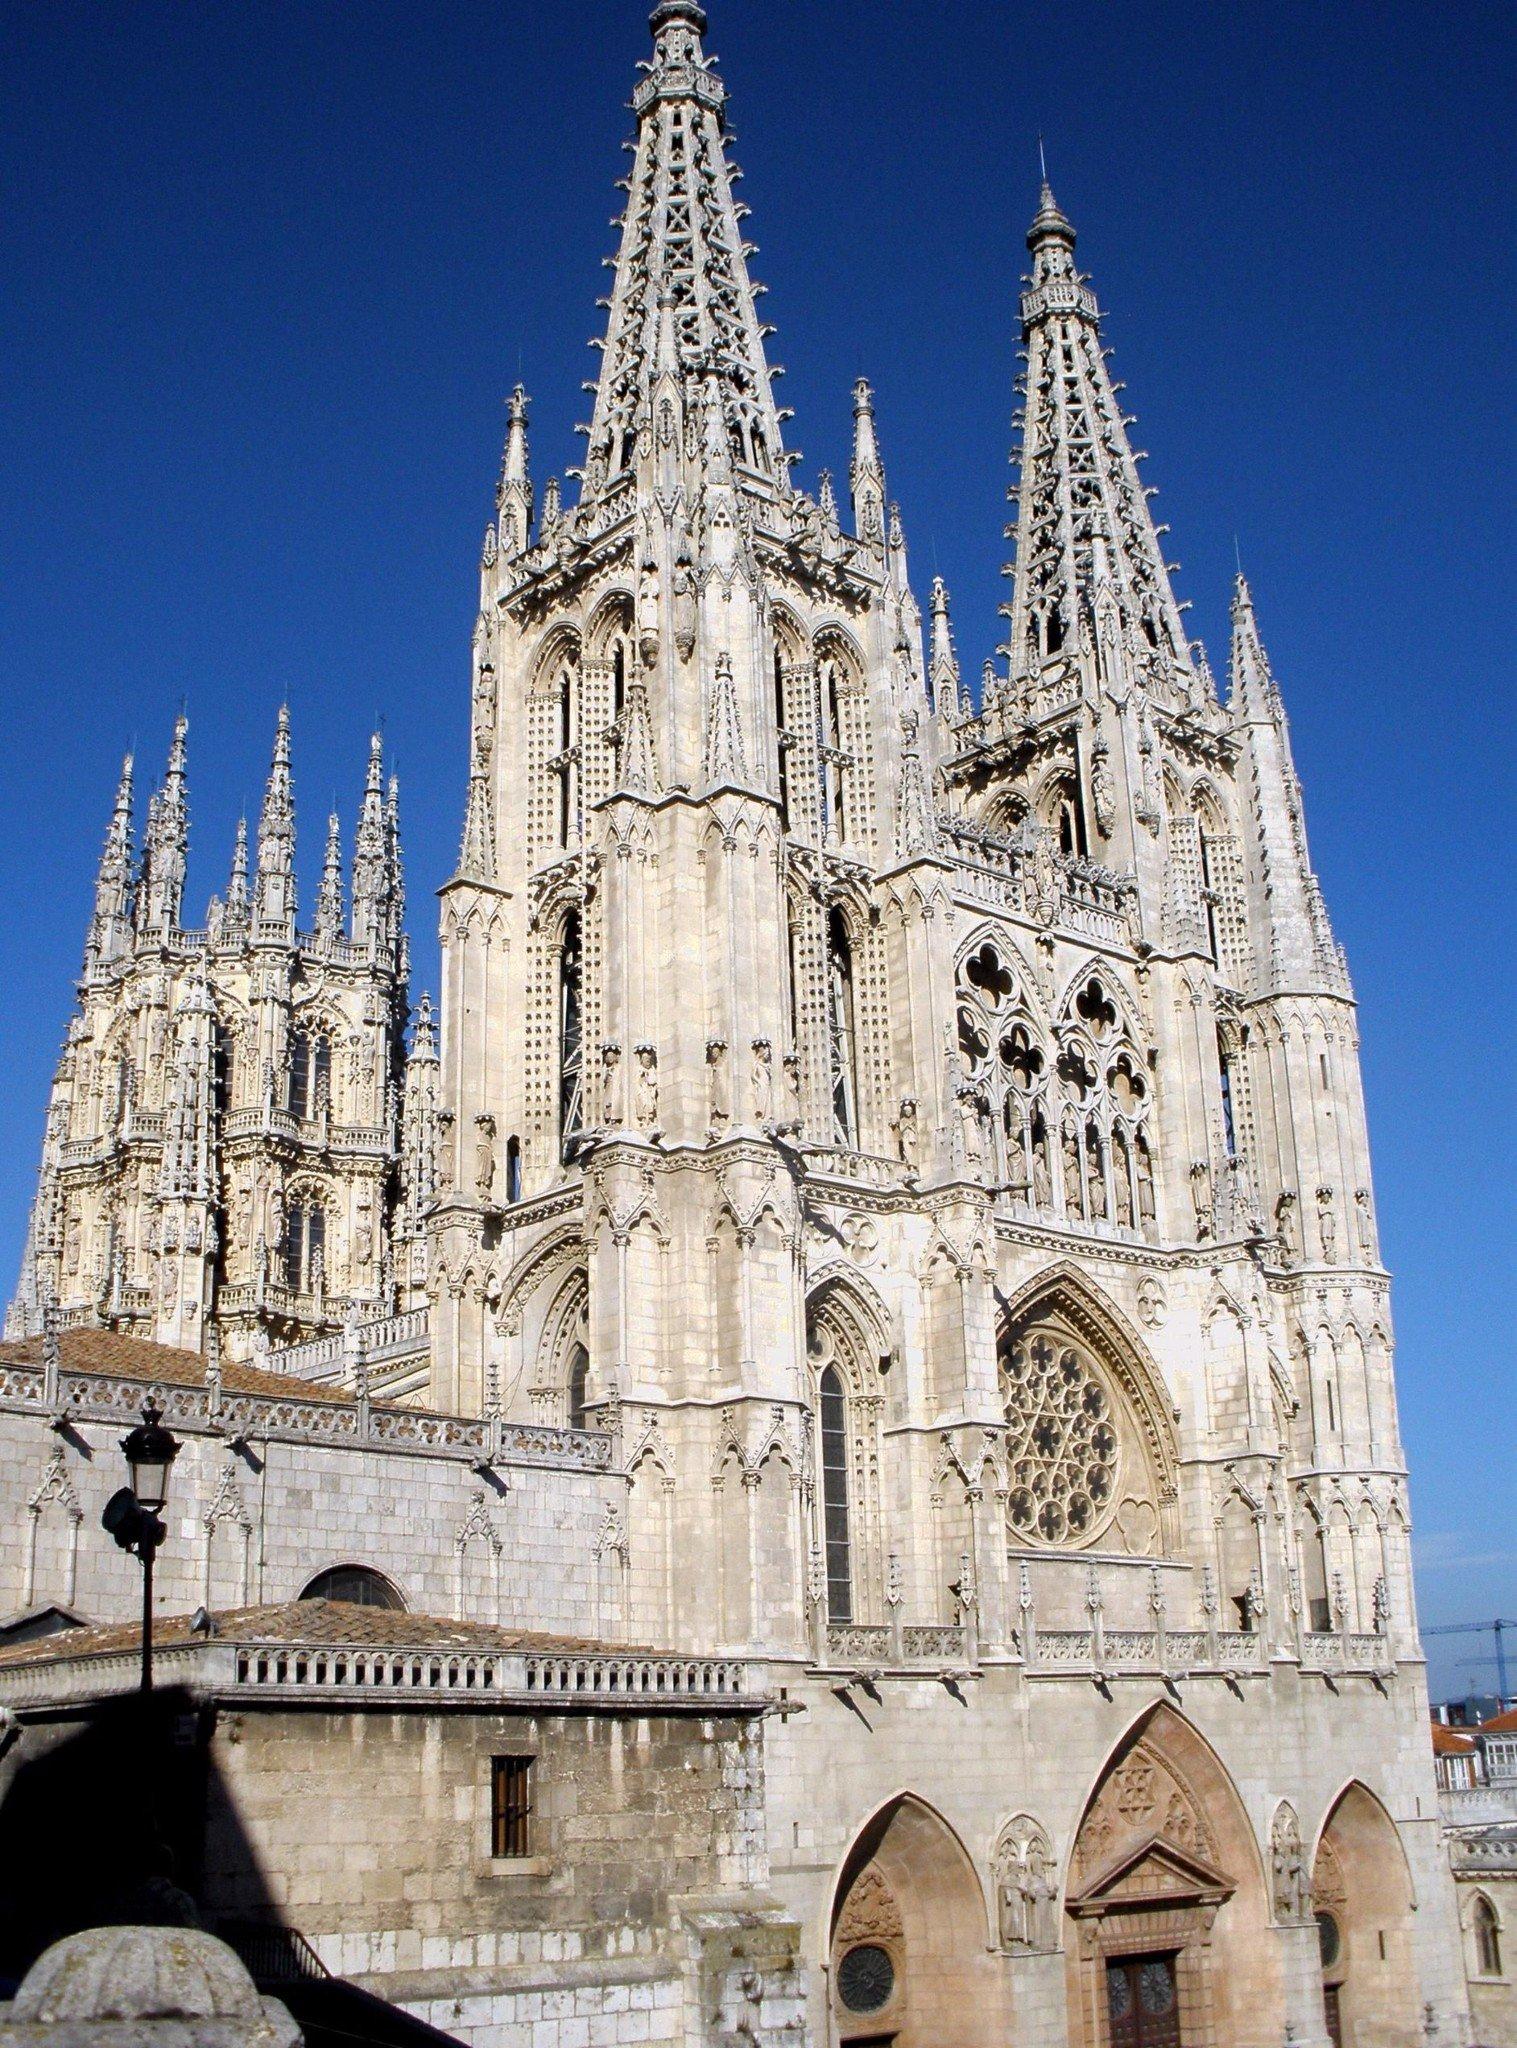 Nhà thờ Chính Tòa Burgos – Nhà Thờ được Unesco công nhận là di sản thế giới.